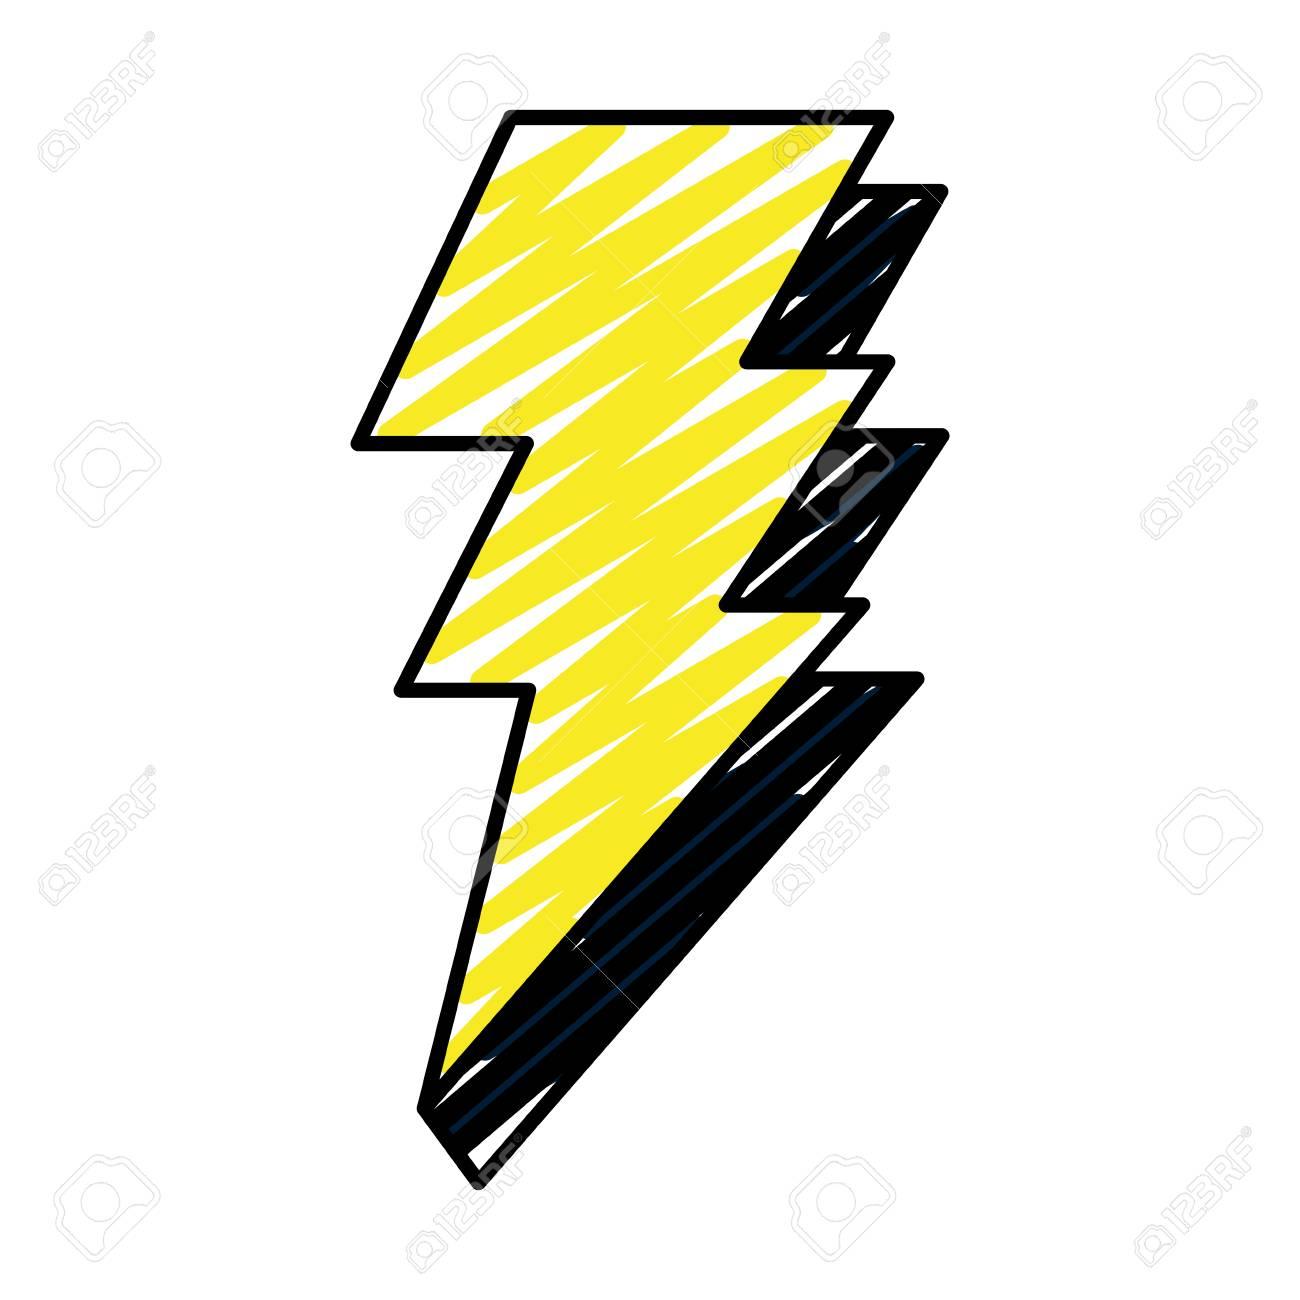 Doodle Electric Thunder Darger Bolt Symbol Vector Illustration